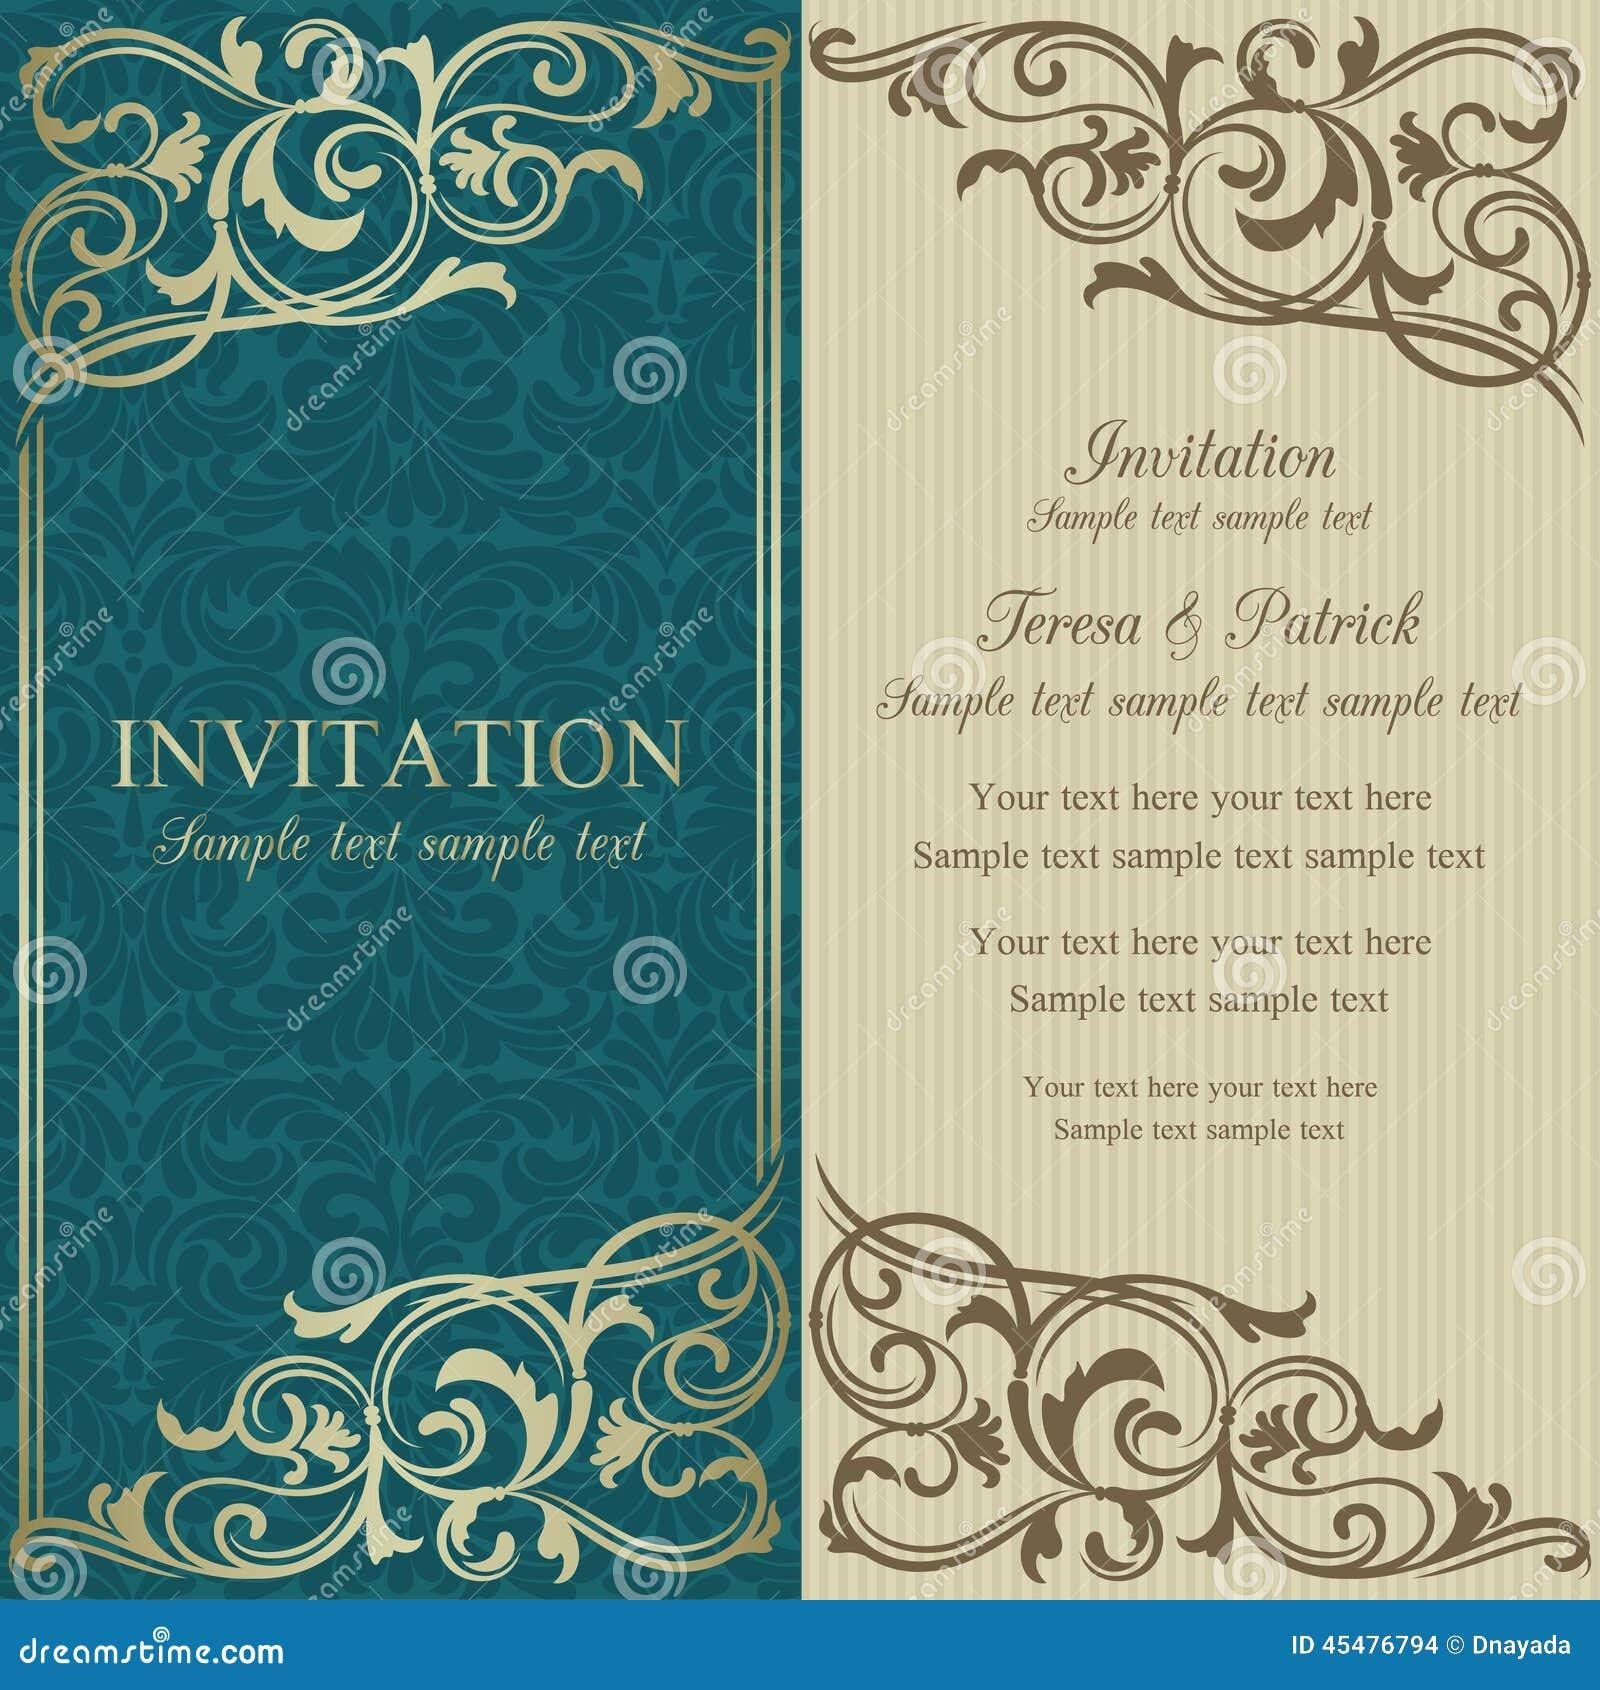 巴洛克式的邀请、蓝色和灰棕色